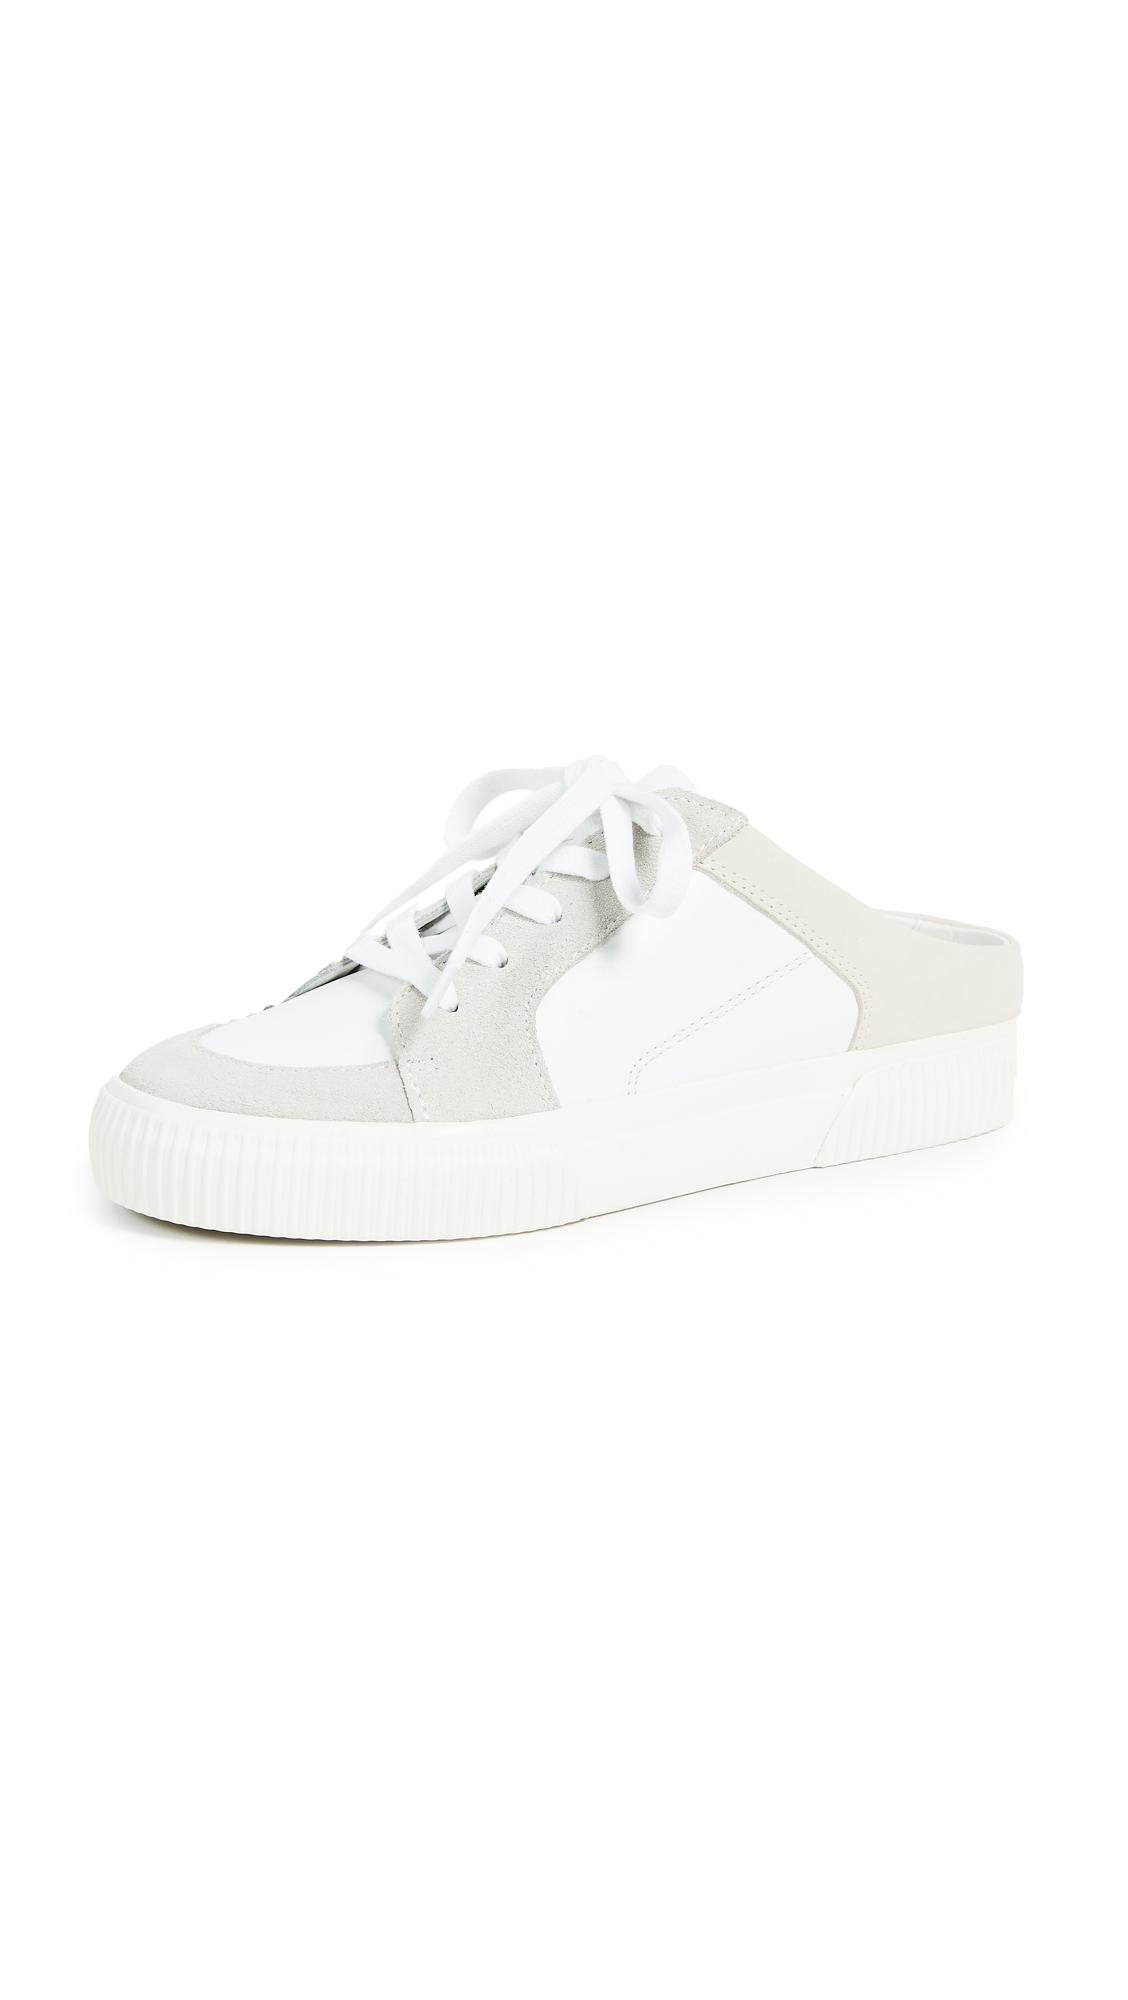 Vince Kess Slide Sneakers - Horchata